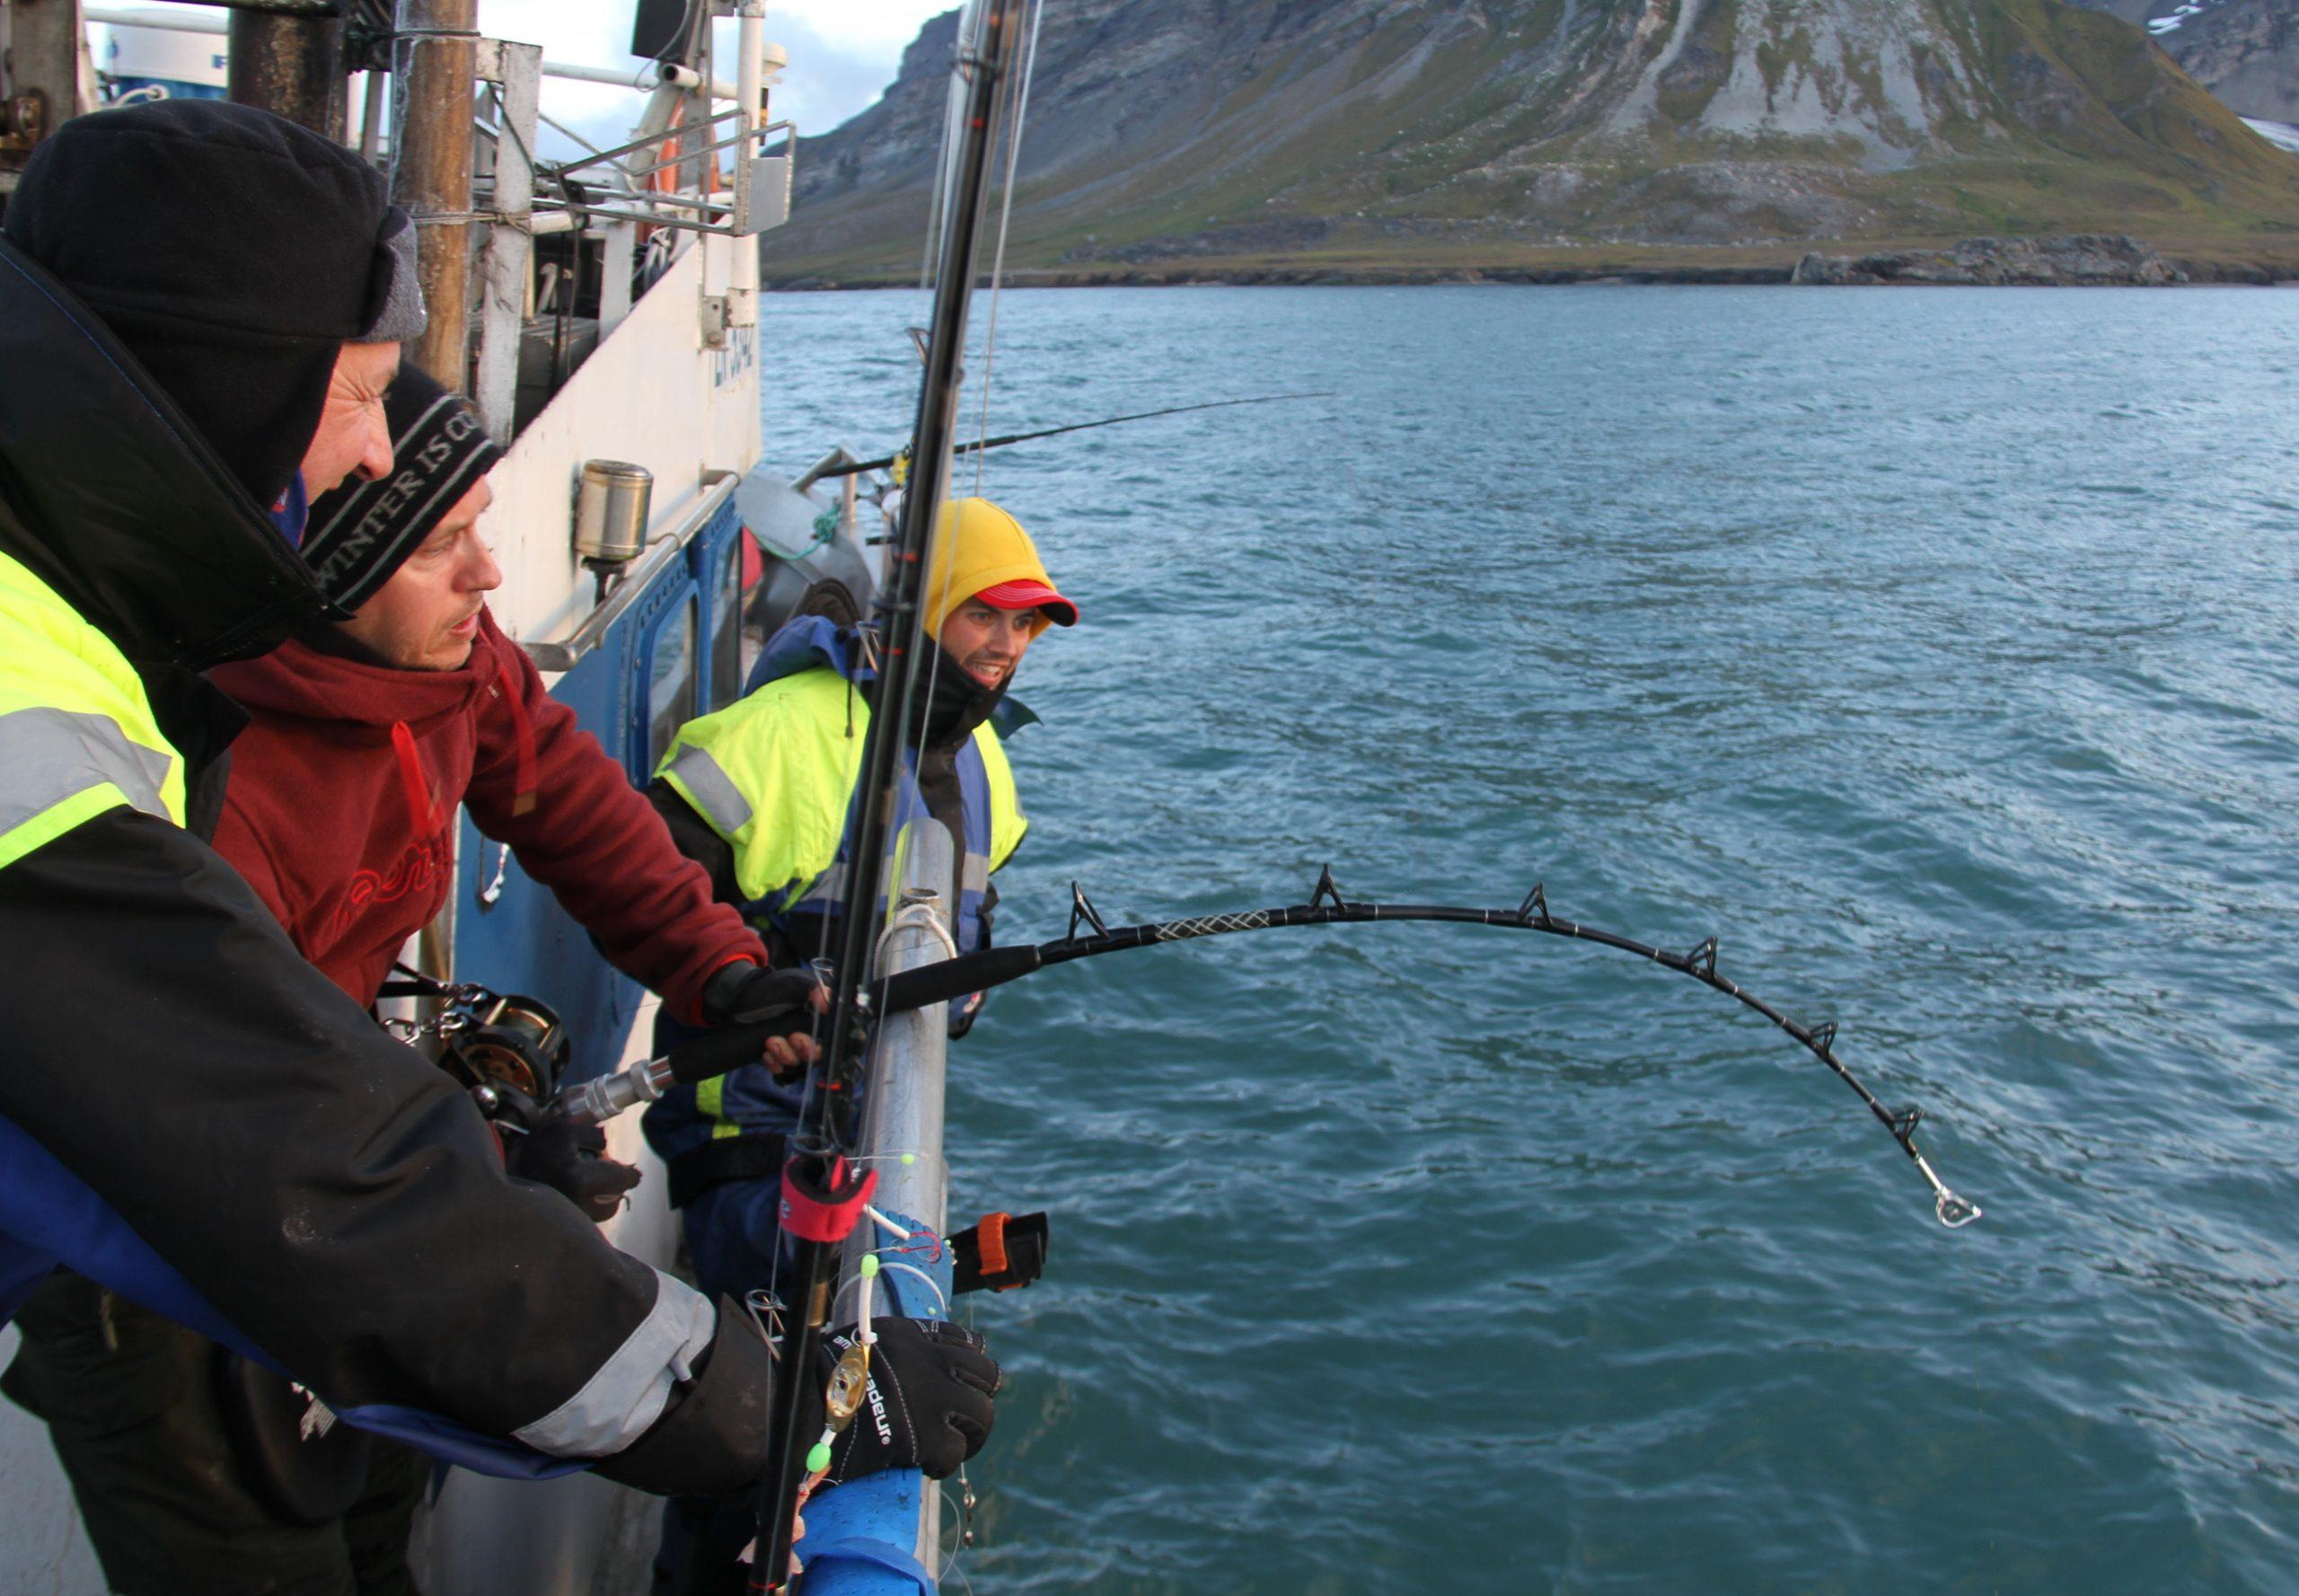 Sverre strammer opp og kjenner tyngden av den store fisken